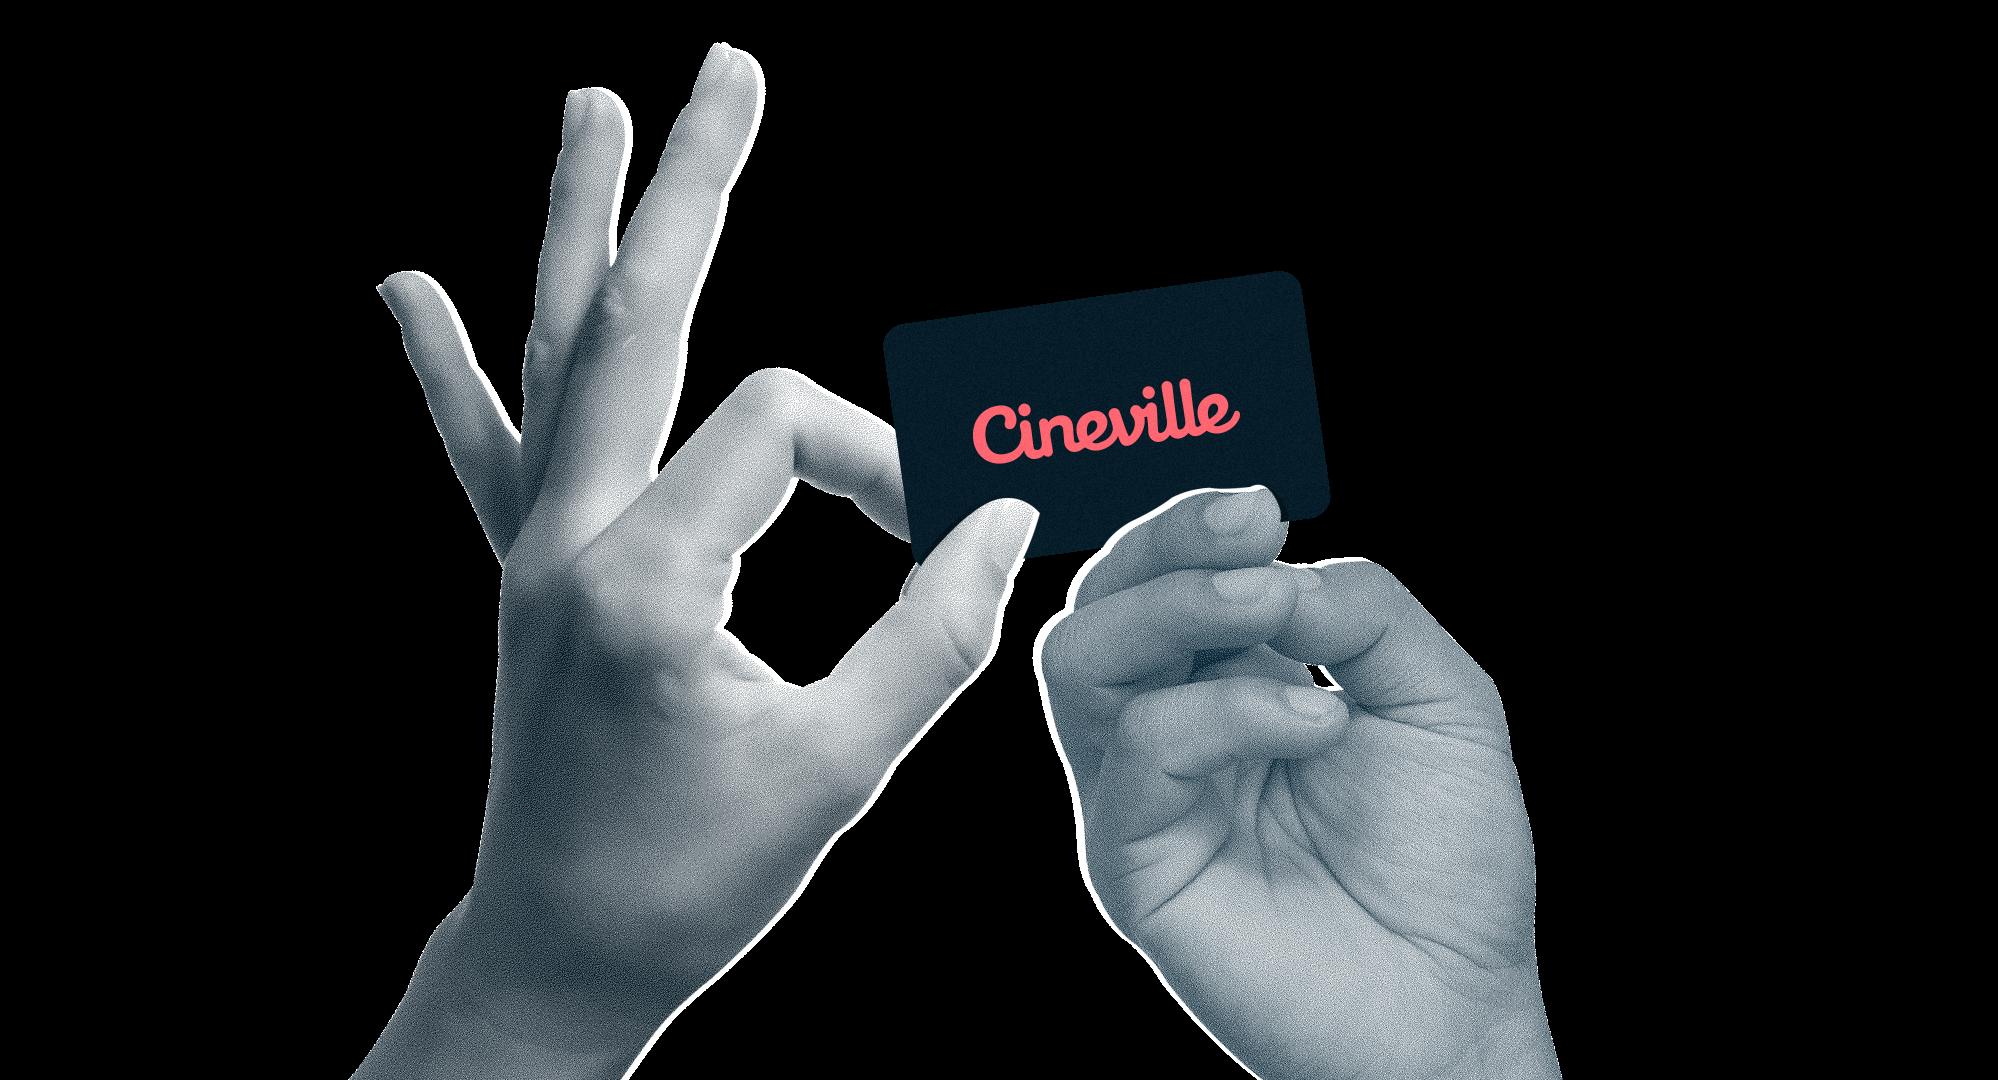 Cineville 2017